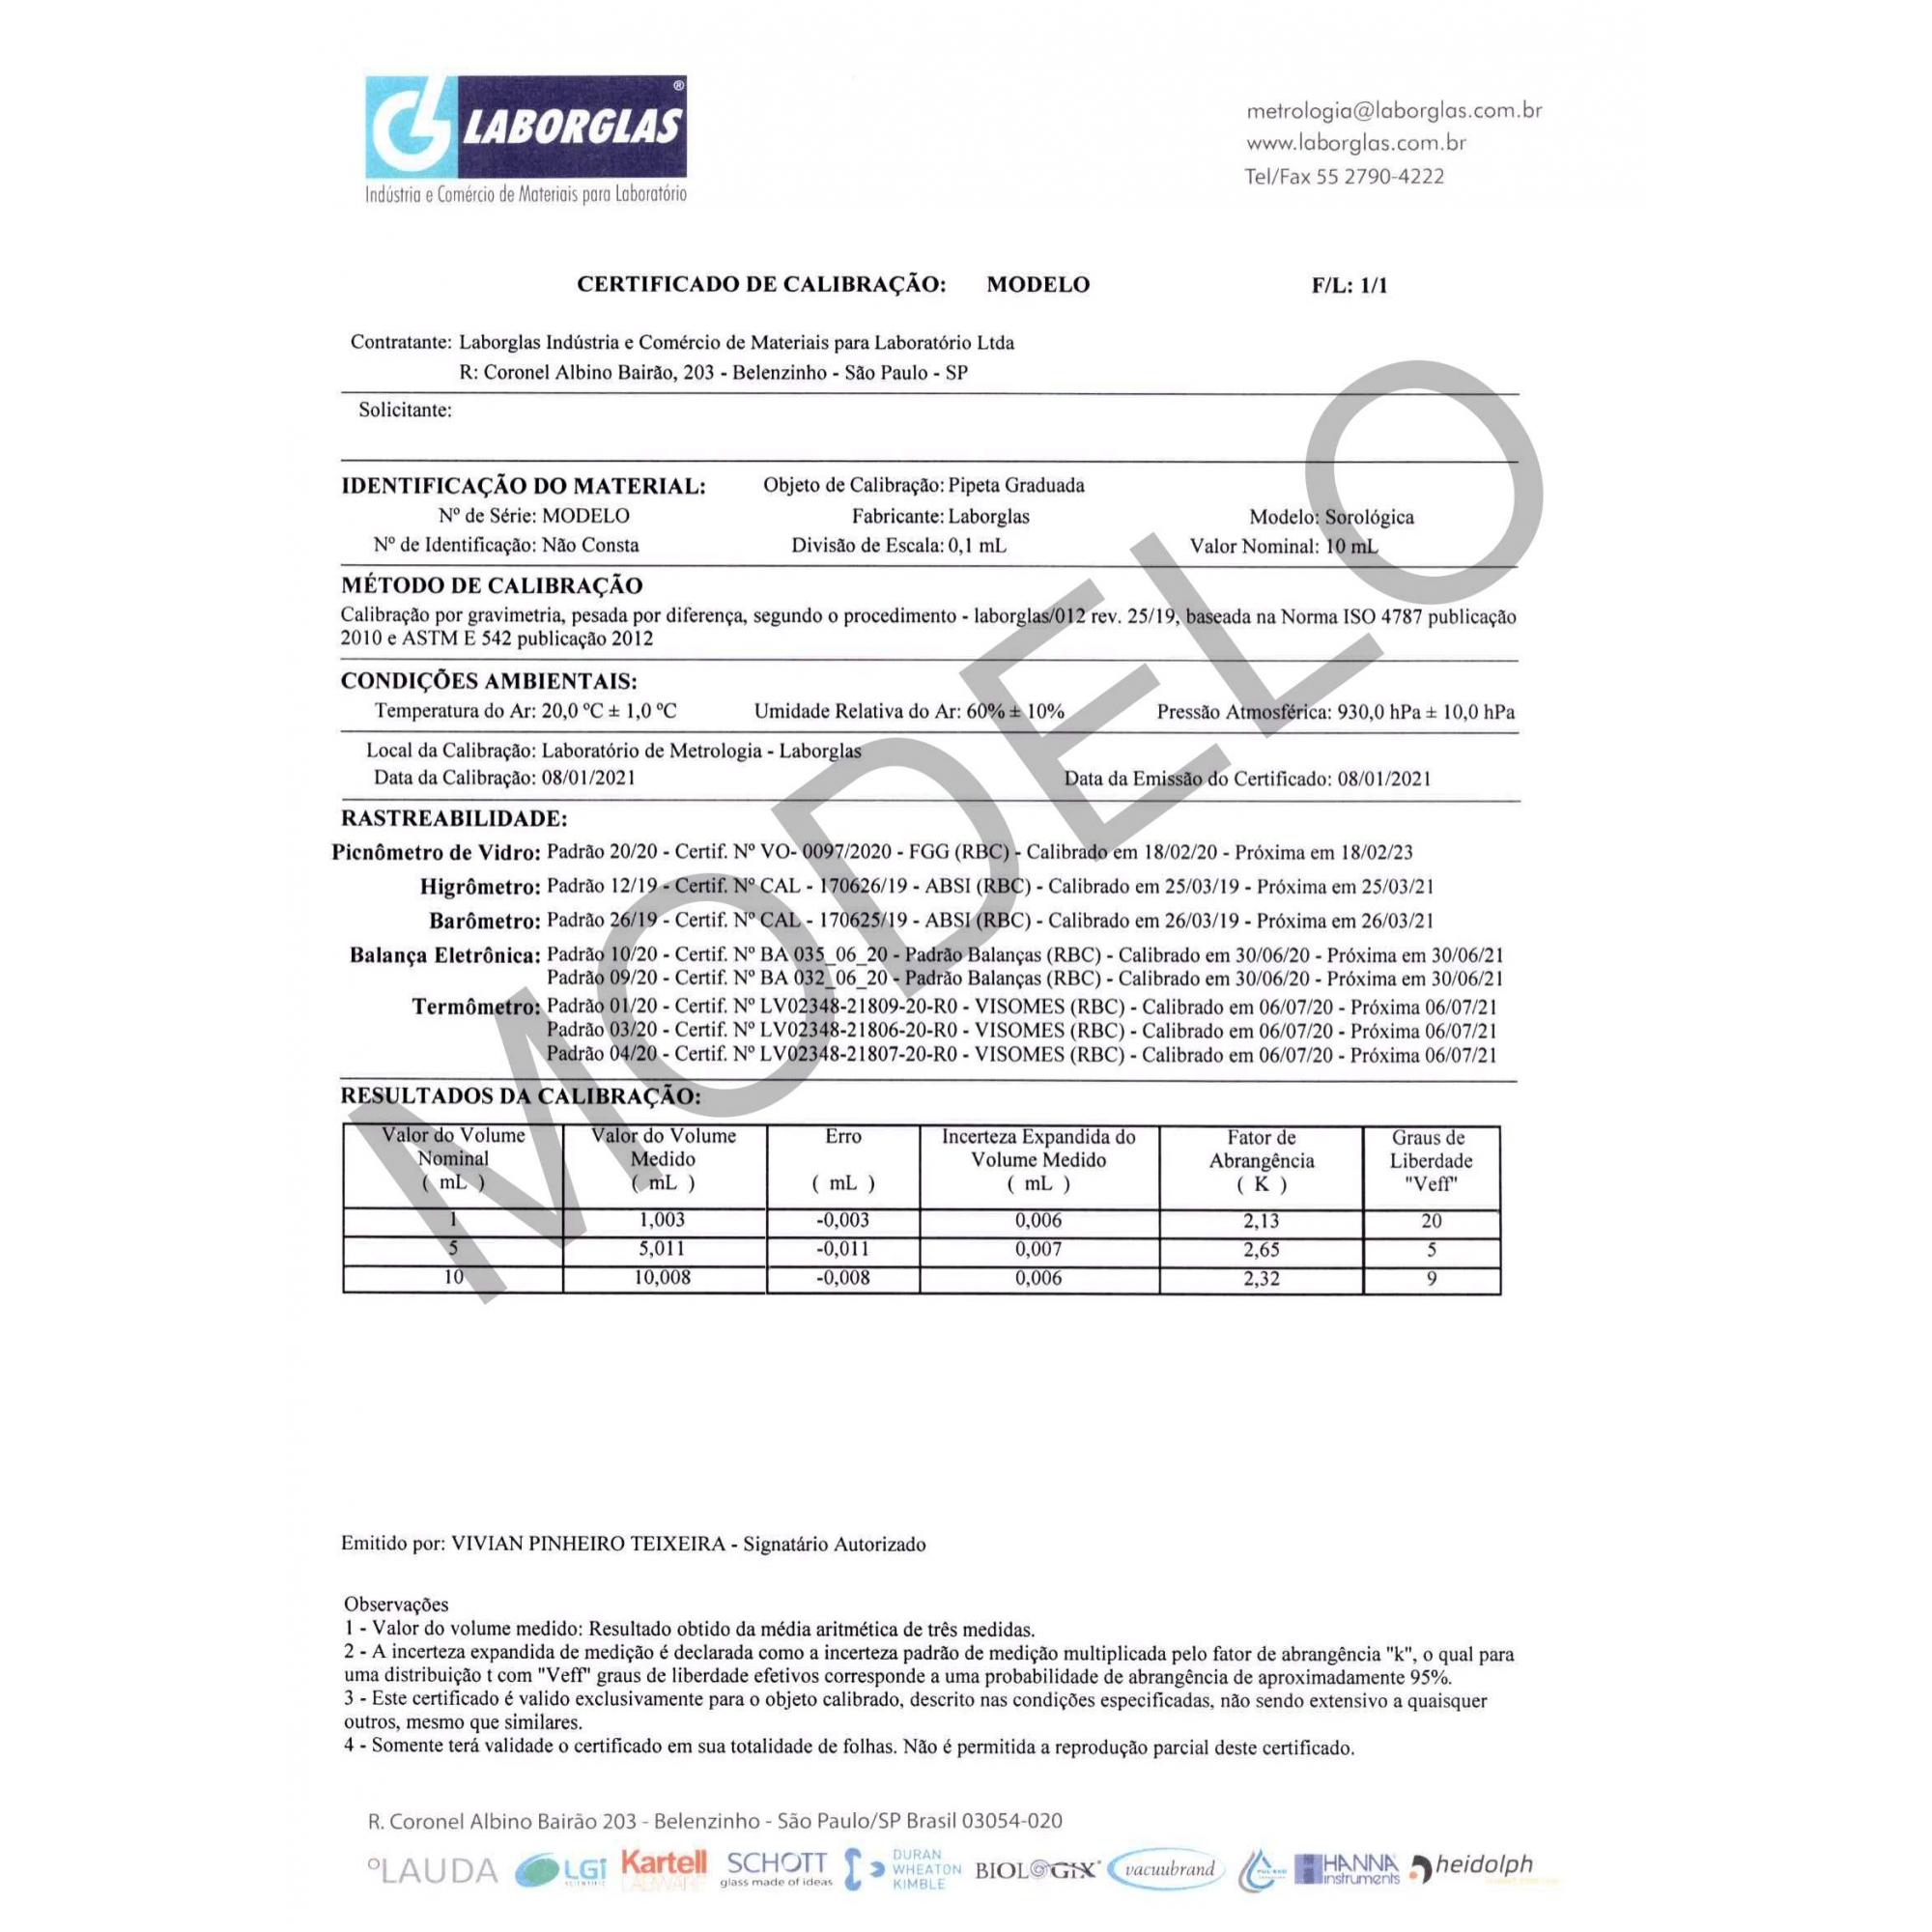 PIPETA GRADUADA SOROLÓGICA ESGOTOTAMENTO TOTAL 1 ML 1/10 CLASSE A COM CERTIFICADO RASTREÁVEL - Laborglas - Cód. 9443606-C